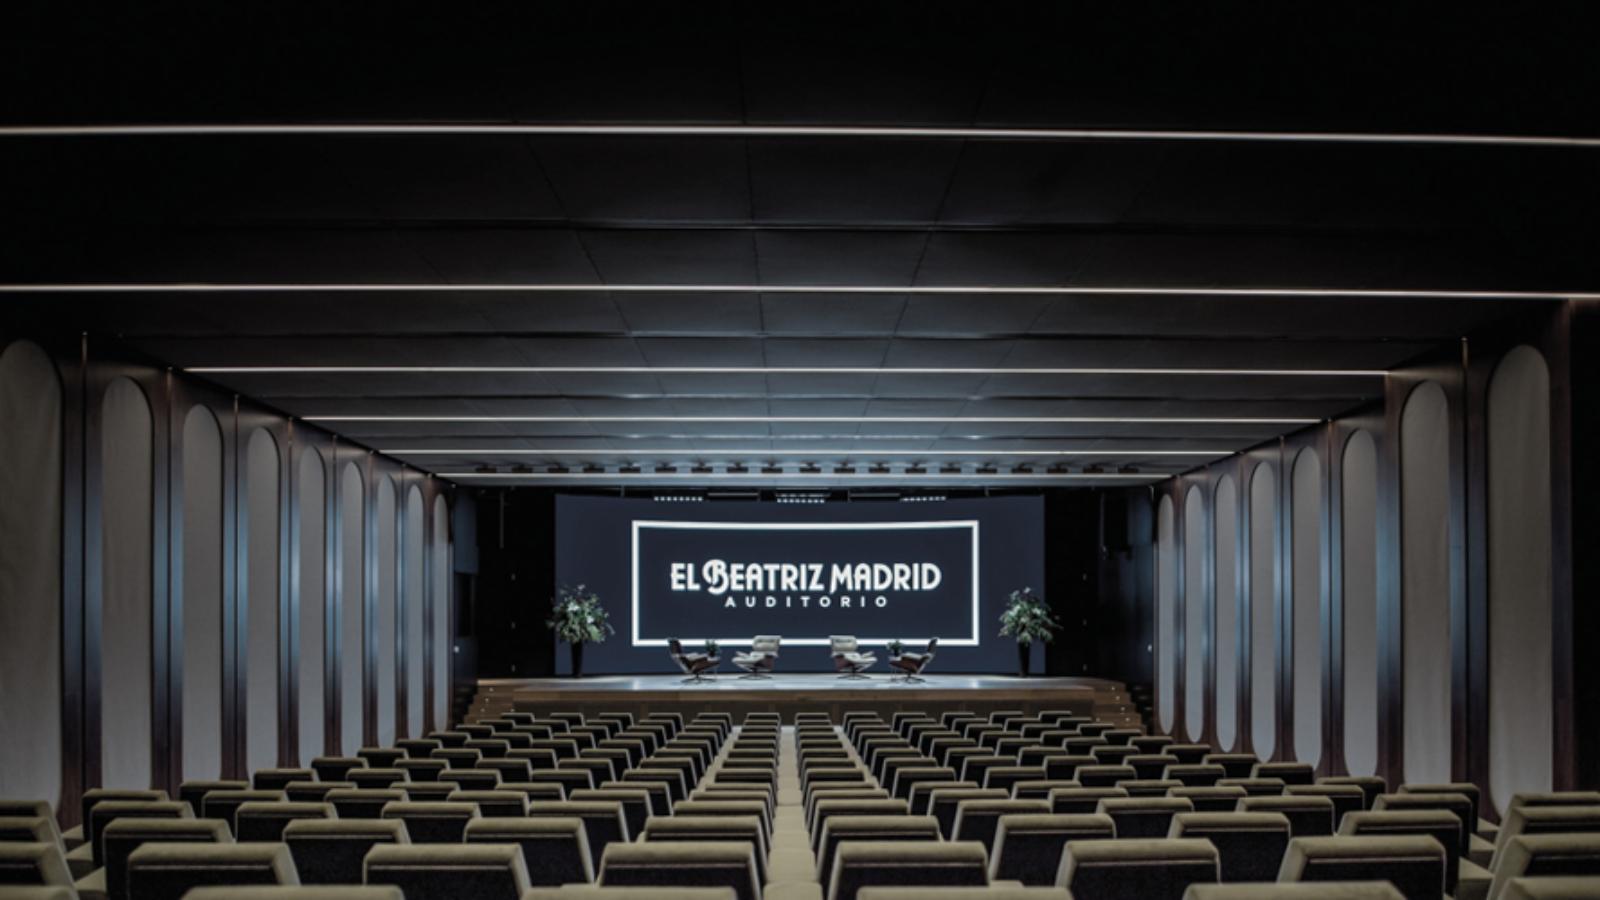 Des systèmes sans fil numériques Shure QLX-D®et Microflex® Complete Wireless modernisent l'auditorium El Beatriz Madrid